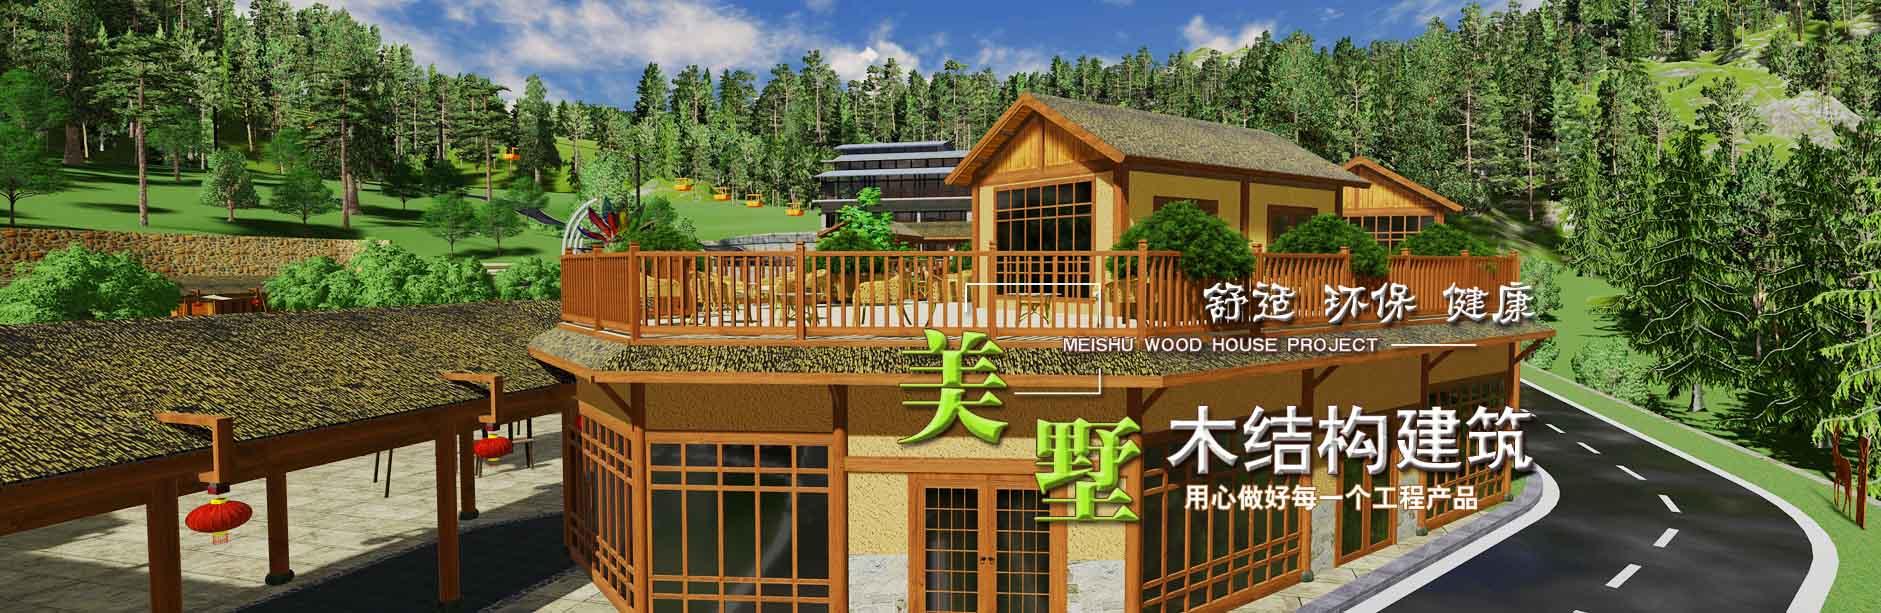 美墅木结构